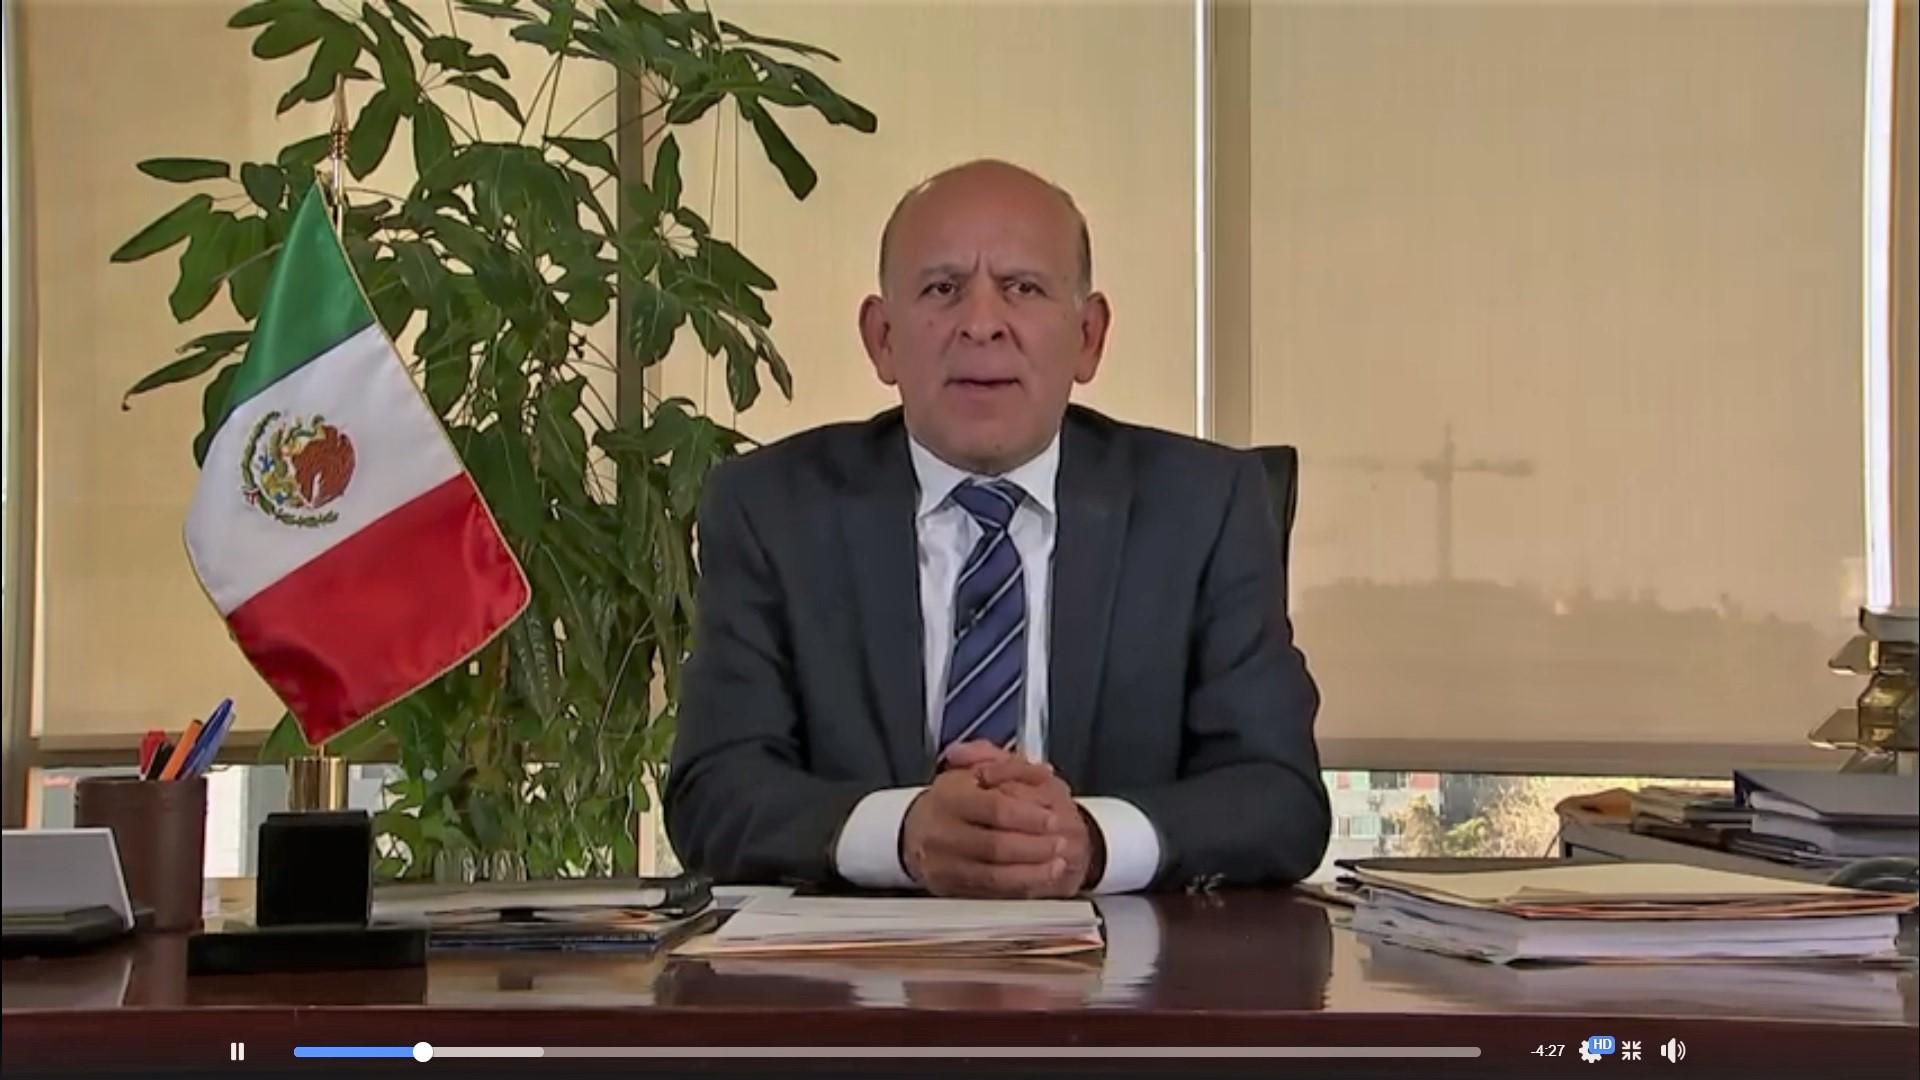 Juan Antonio Ferrer Aguilar.